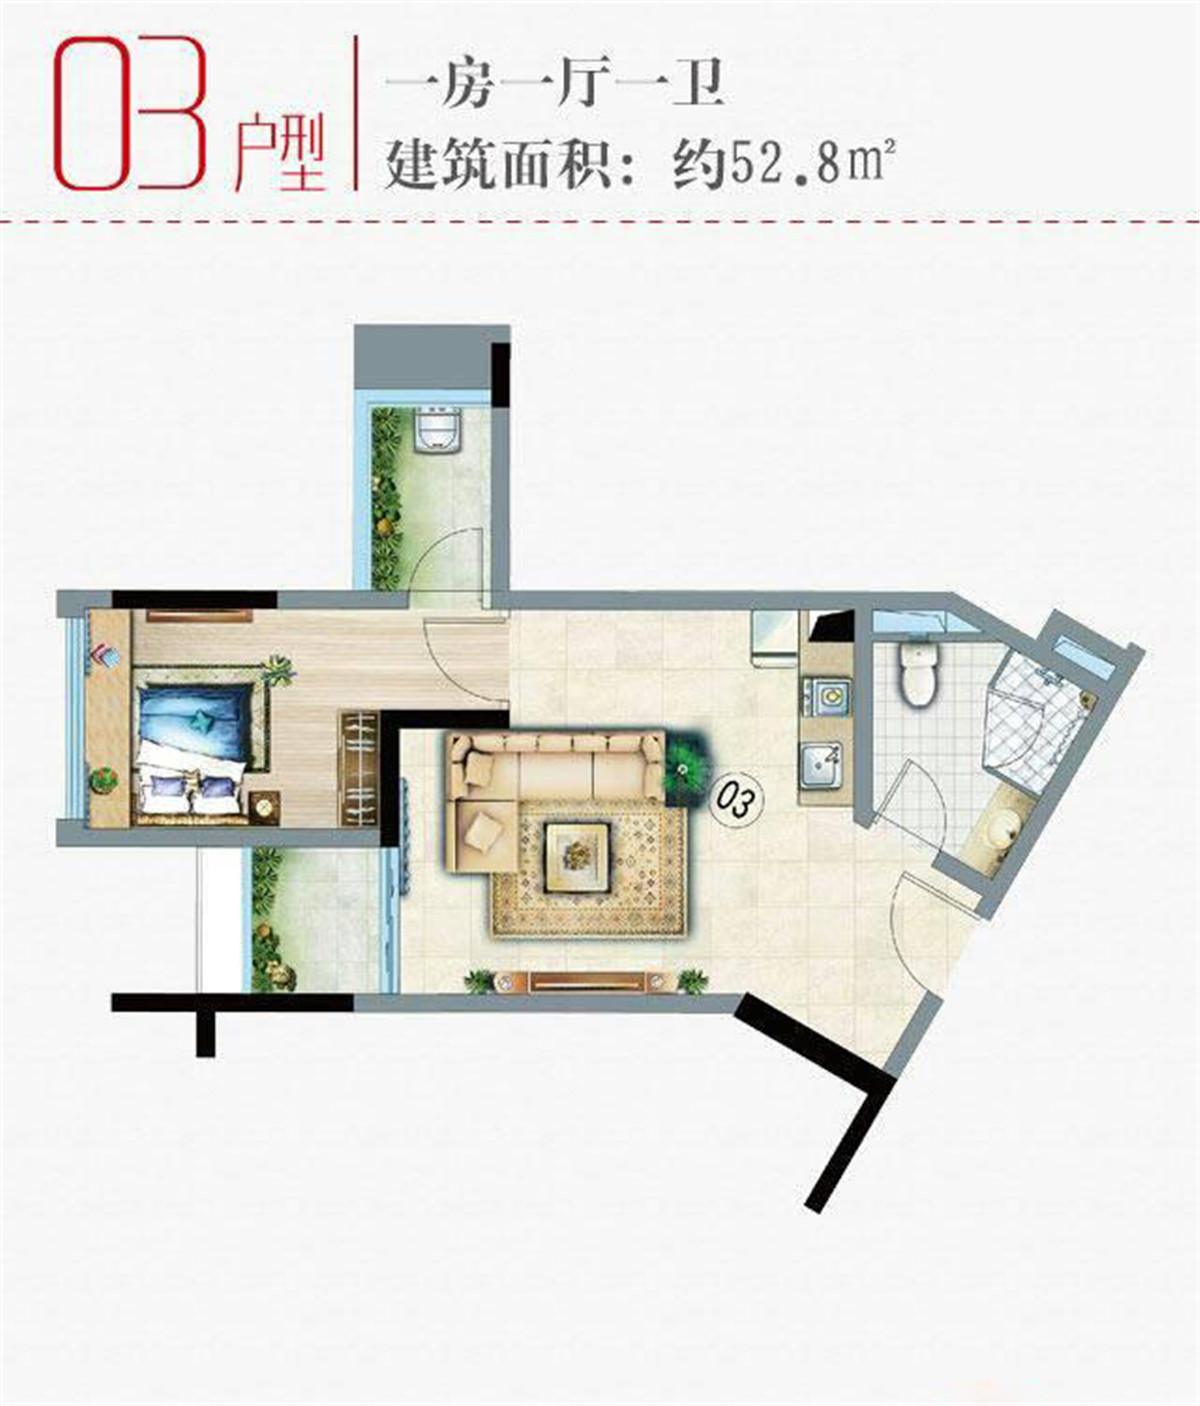 富力月亮湾03户型1室1厅1卫1厨建筑面积约52.80m²